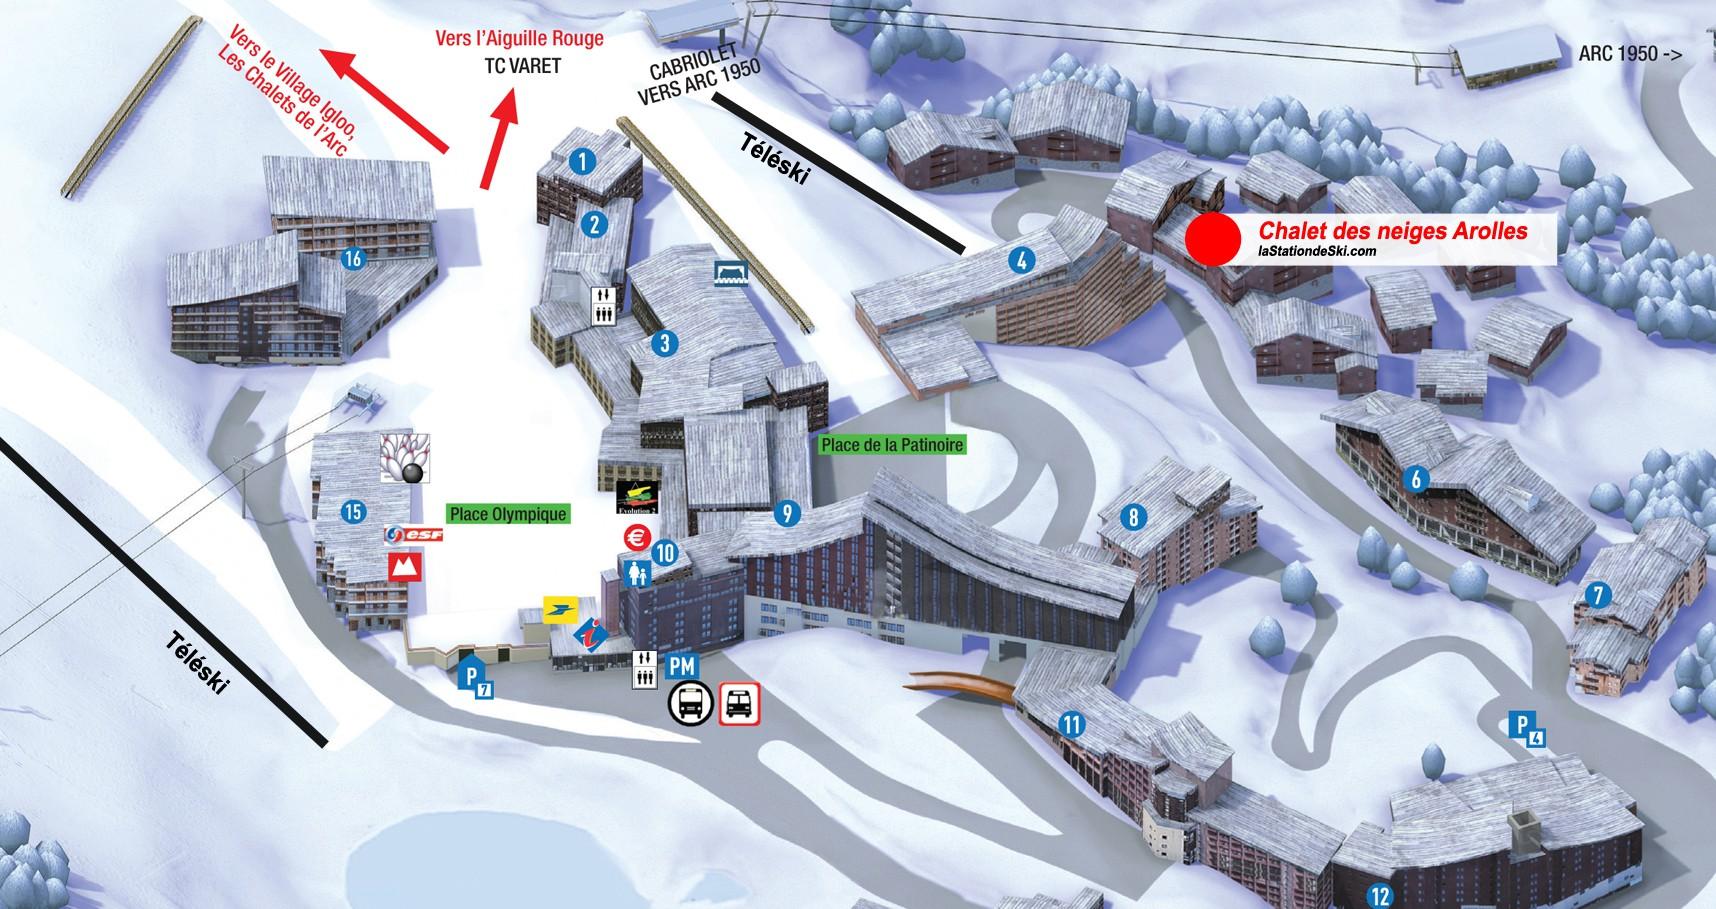 Chalet des neiges Arolles Arc 2000